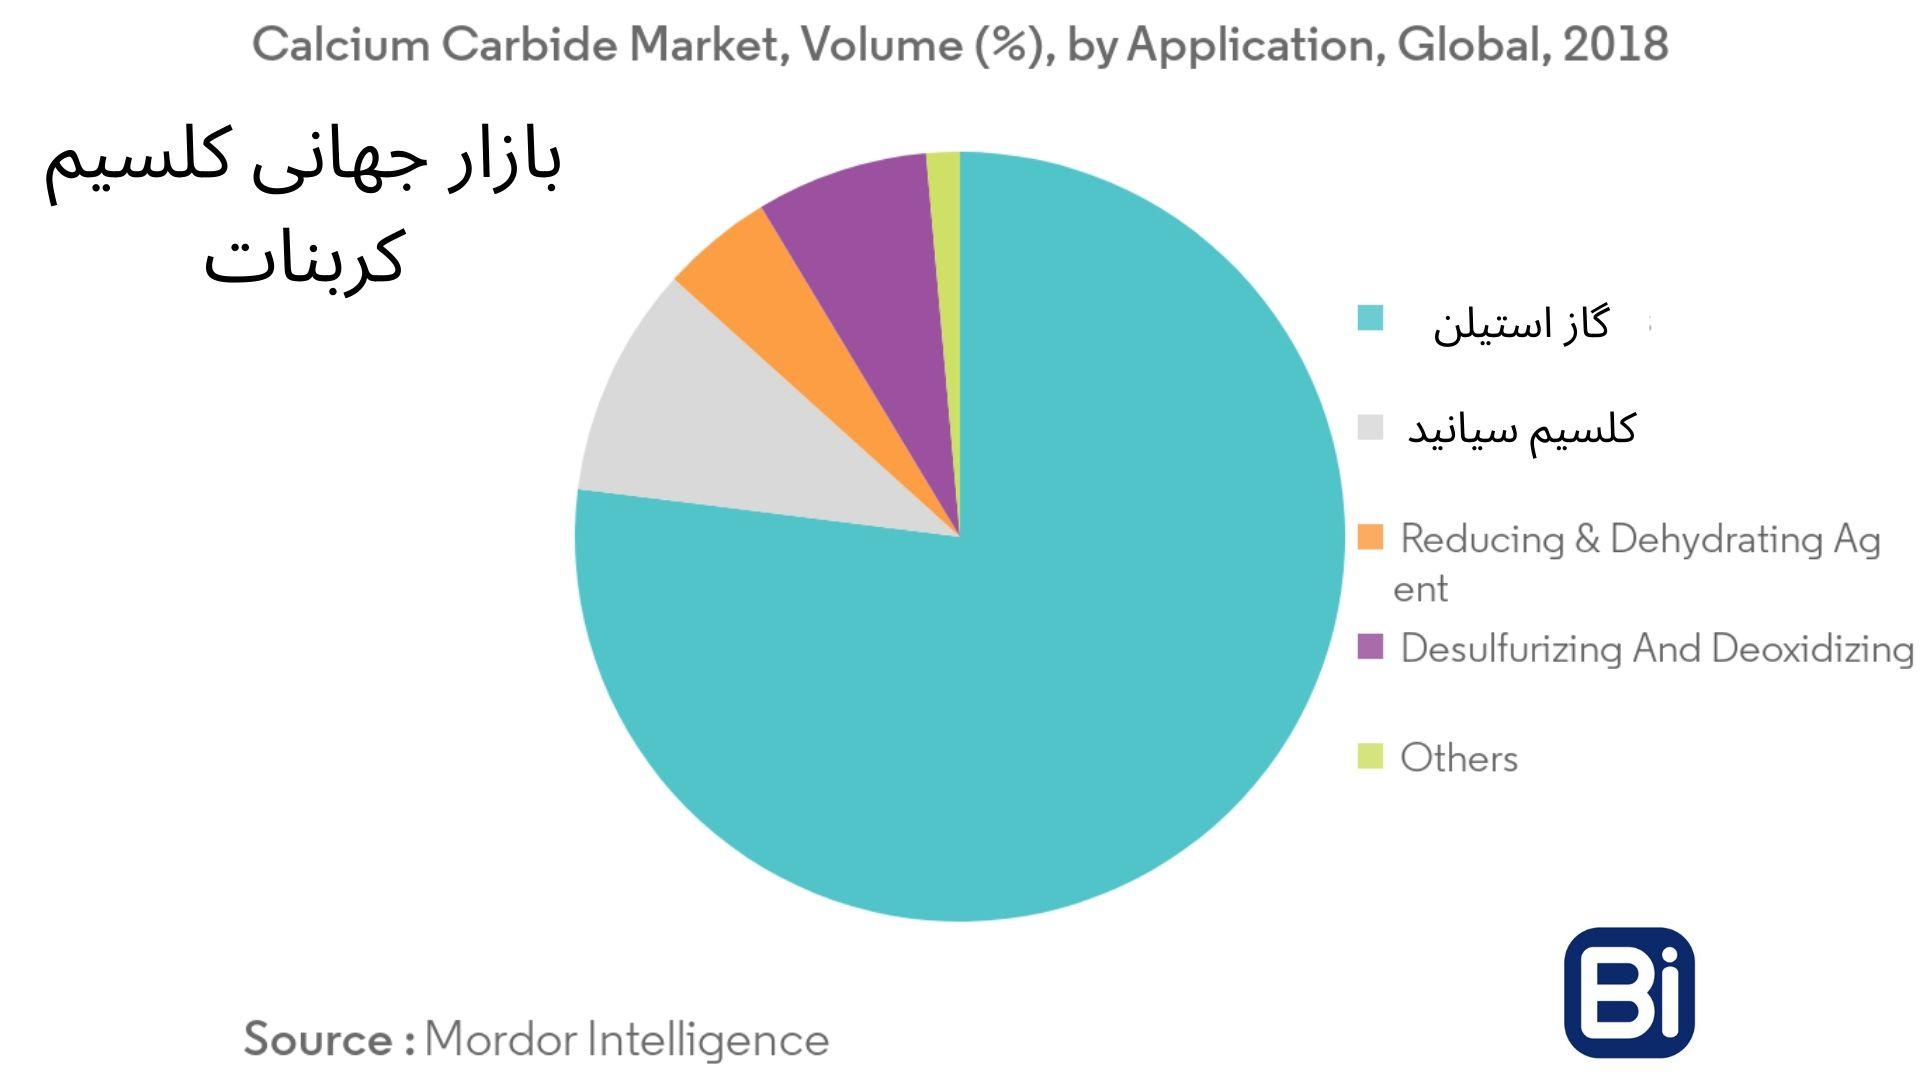 بازار جهانی کلسیم کاربید بر اساس استفاده های آن